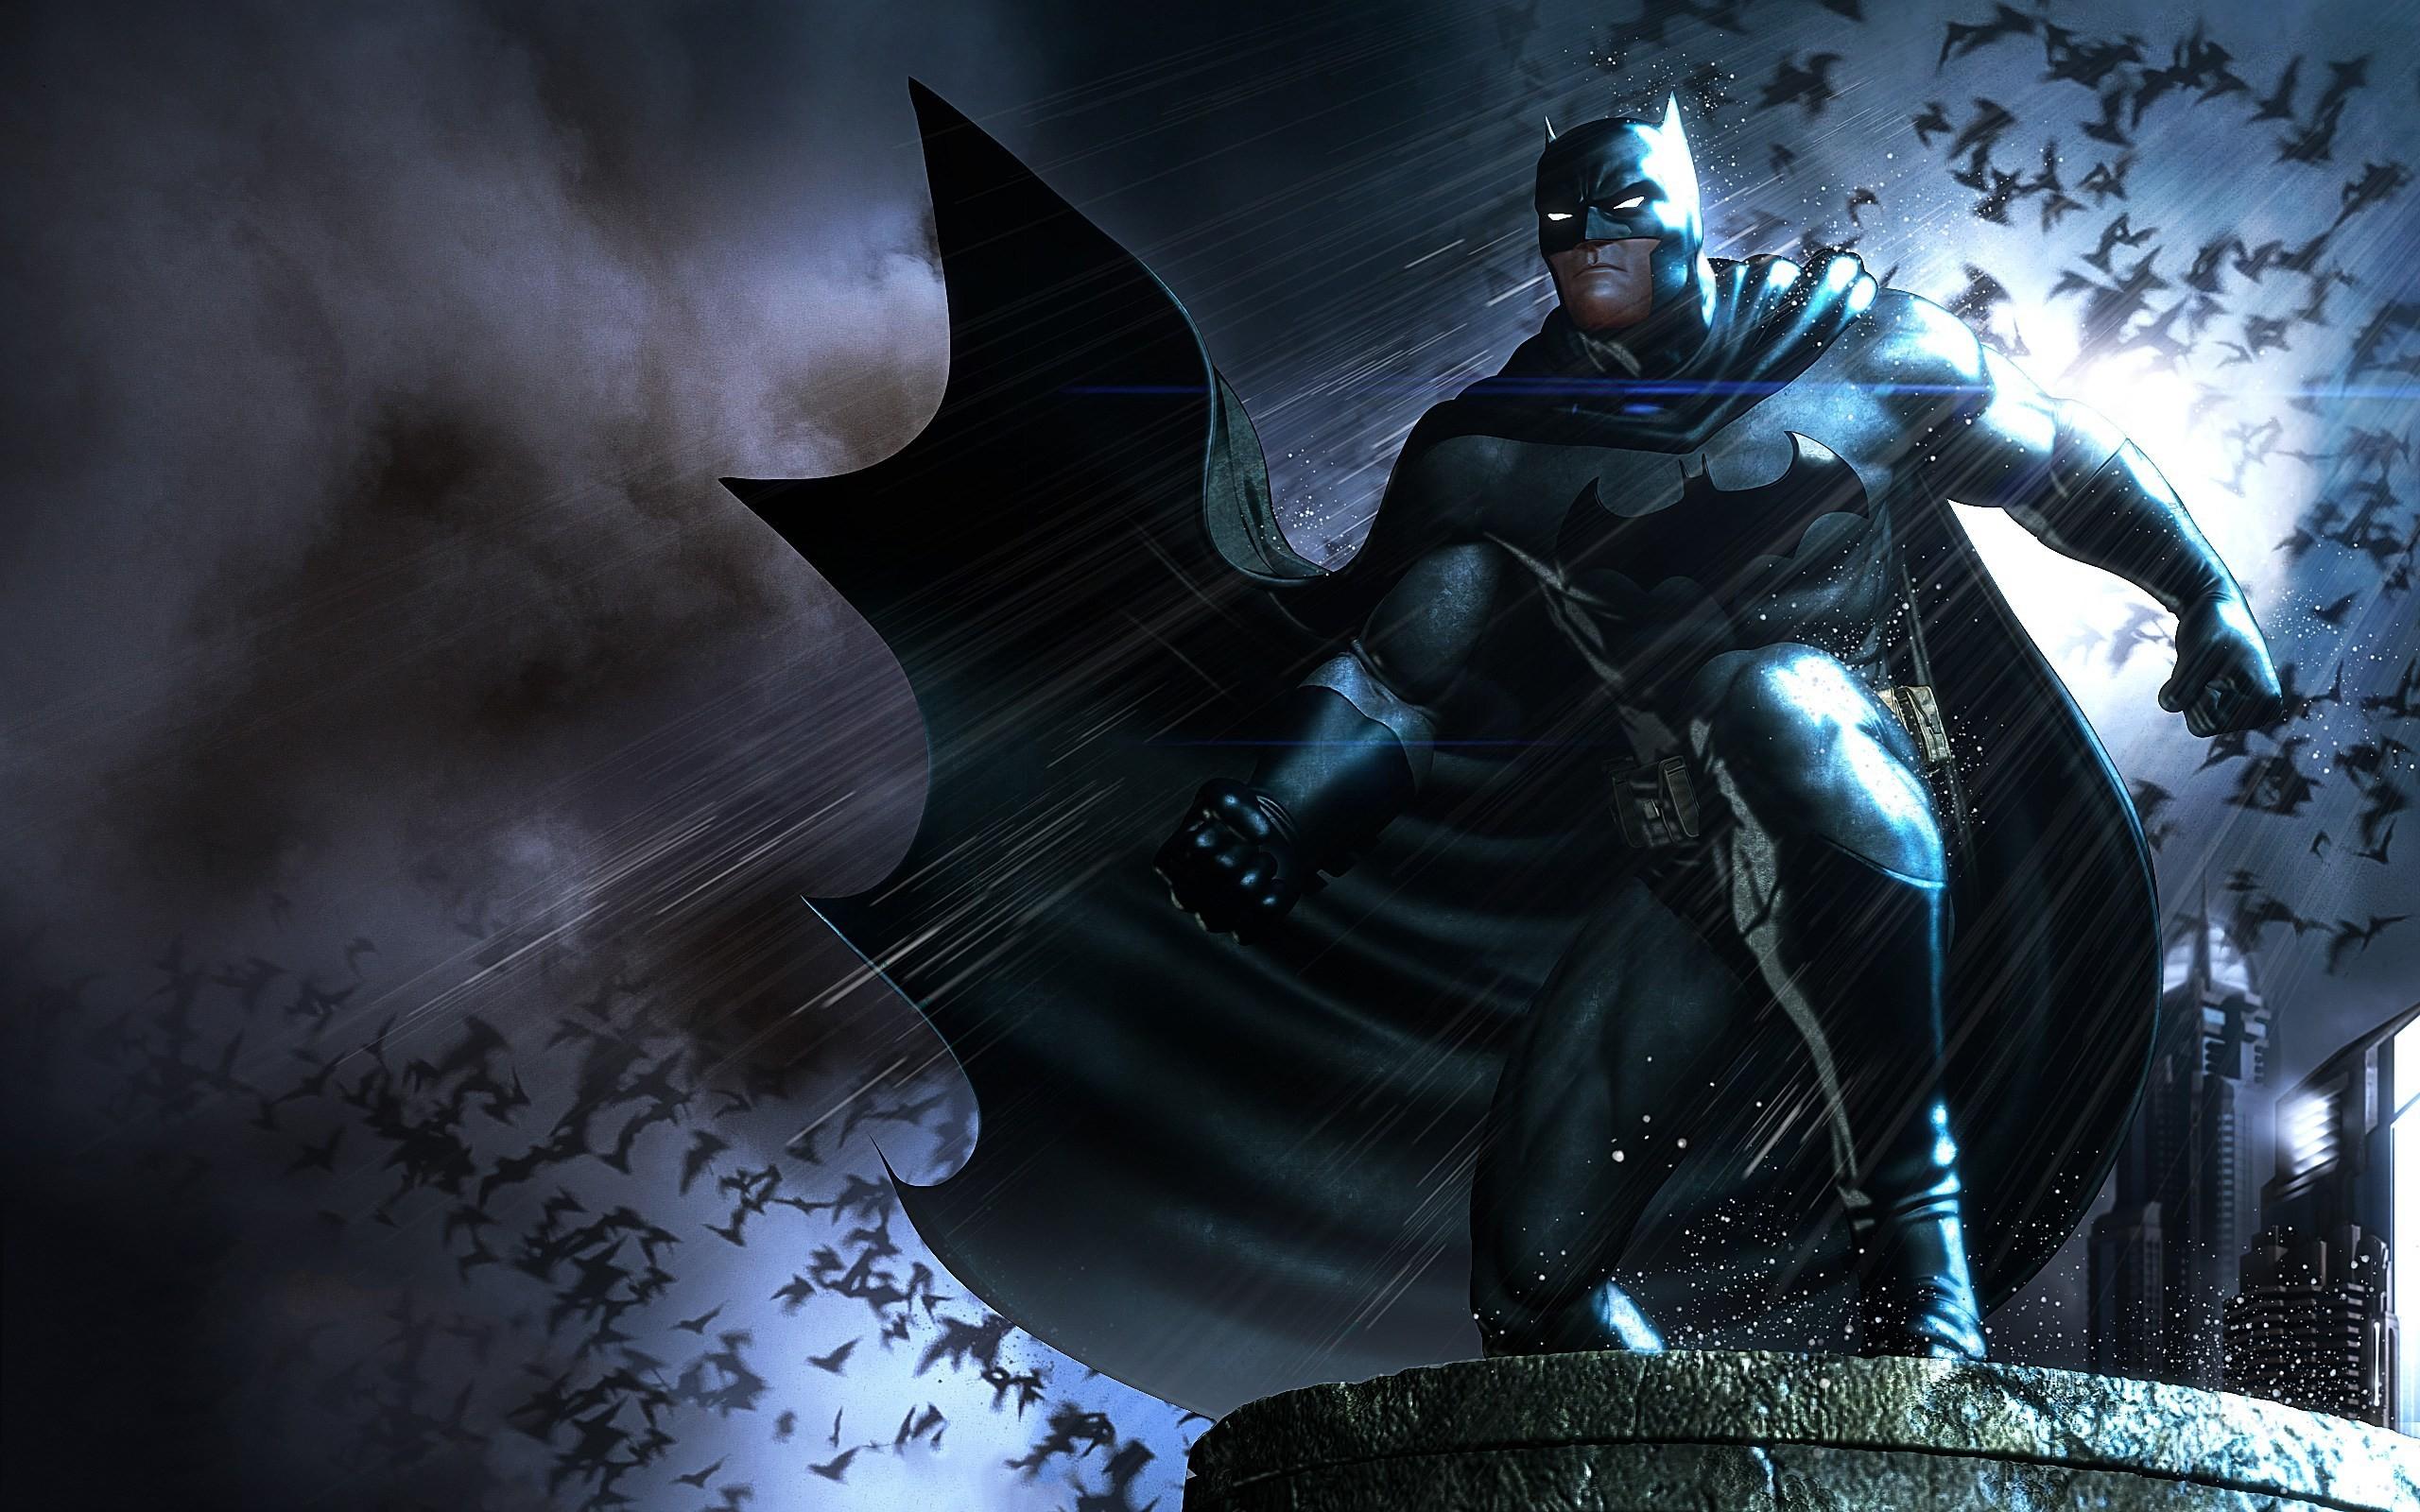 Batman 4k Wallpaper 71 Images